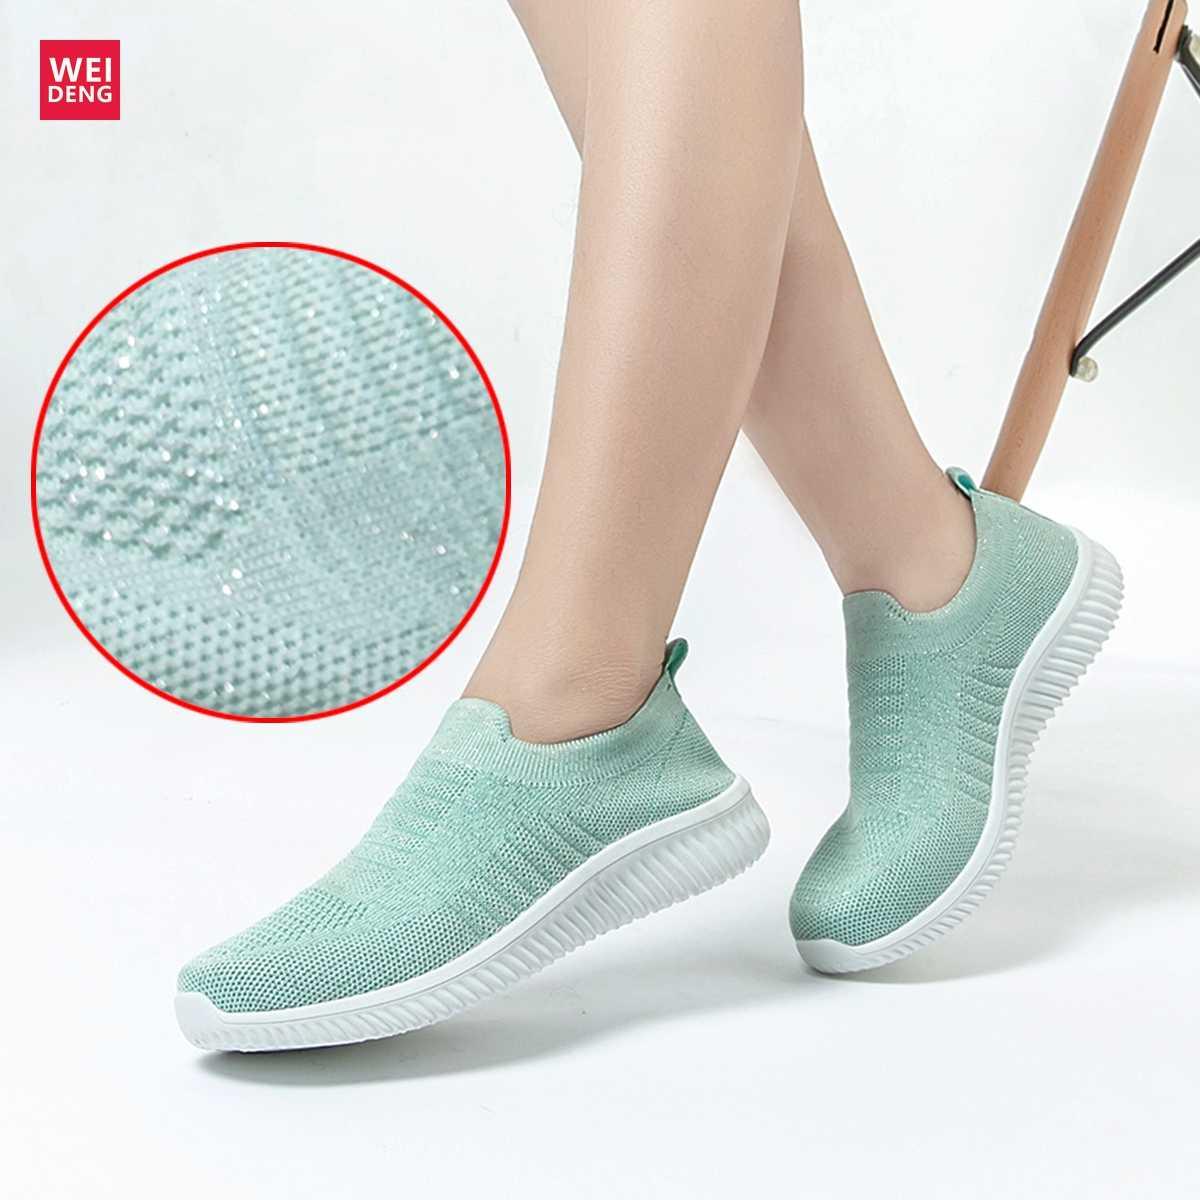 Weideng/вязанные носки; обувь; лоферы из сетчатого материала; ультрамягкие женские слипоны на плоской подошве; дышащие теннисные туфли; модная обувь унисекс кроссовки женские tenis masculino вулканизированная